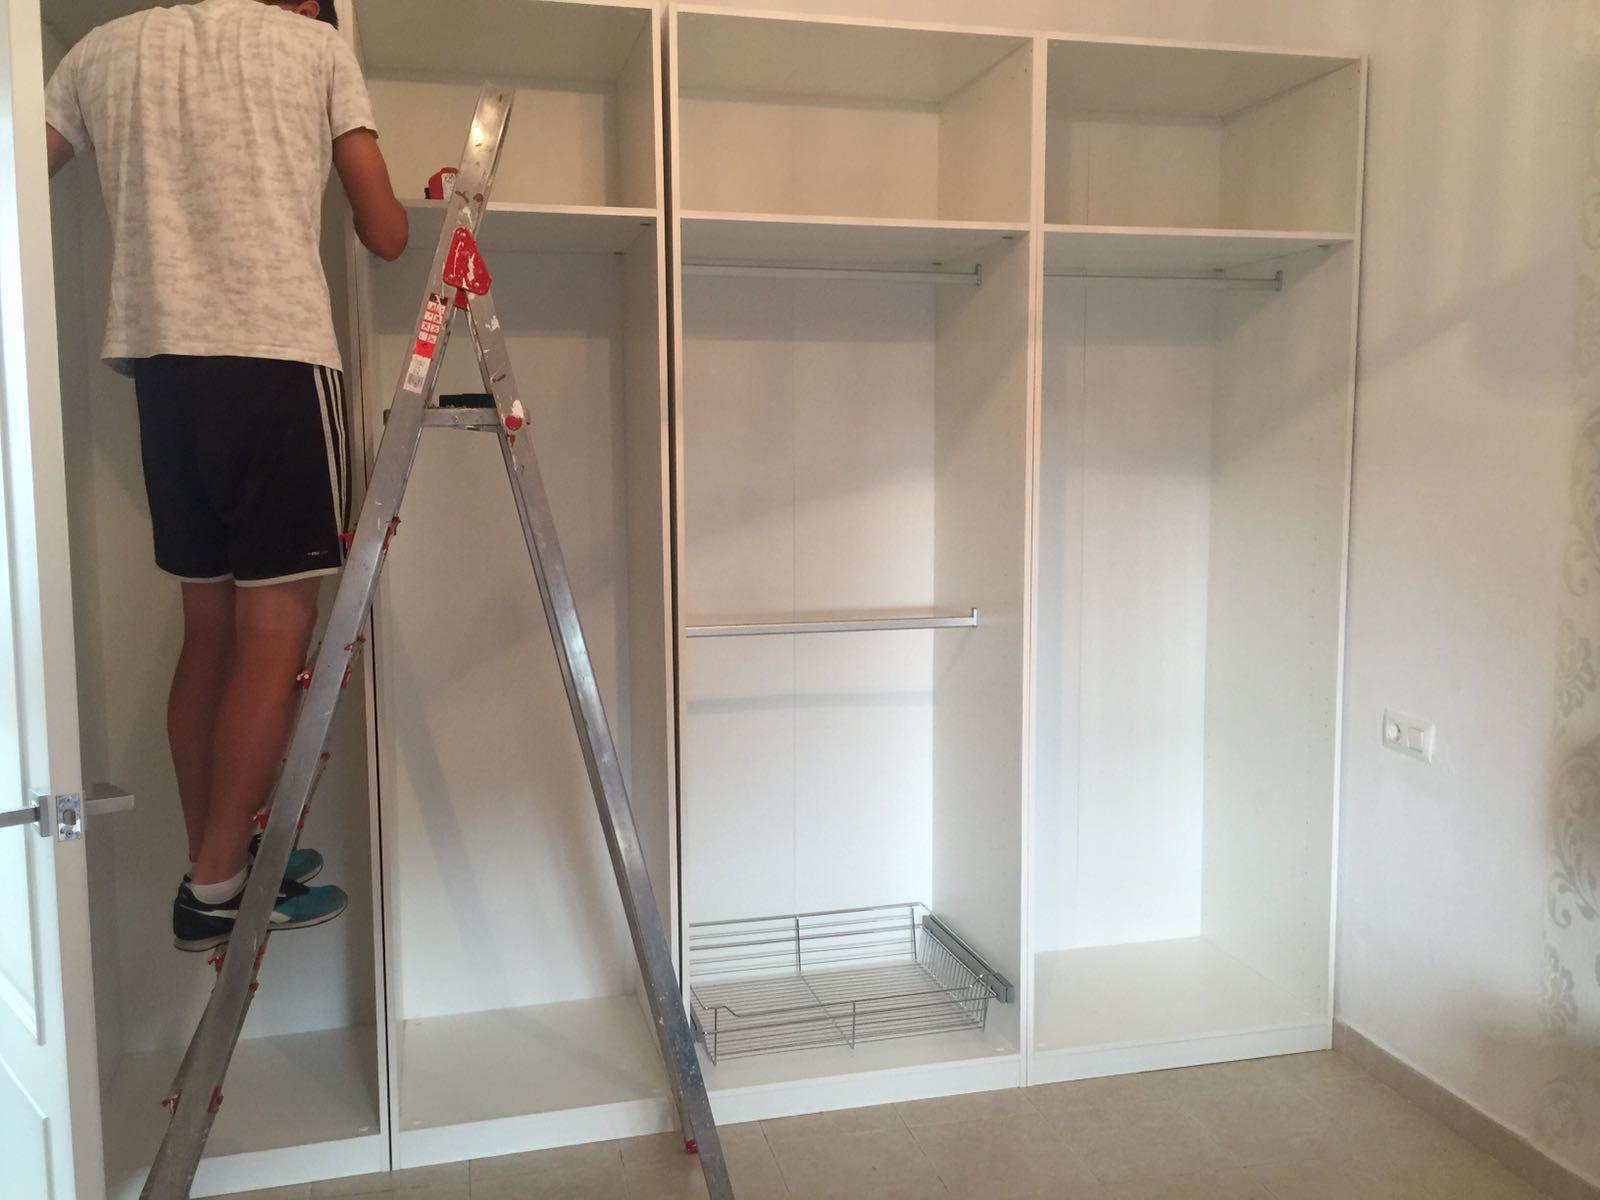 Mi dormitorio parte i como montar un armario vestidor - Armarios para montar ...